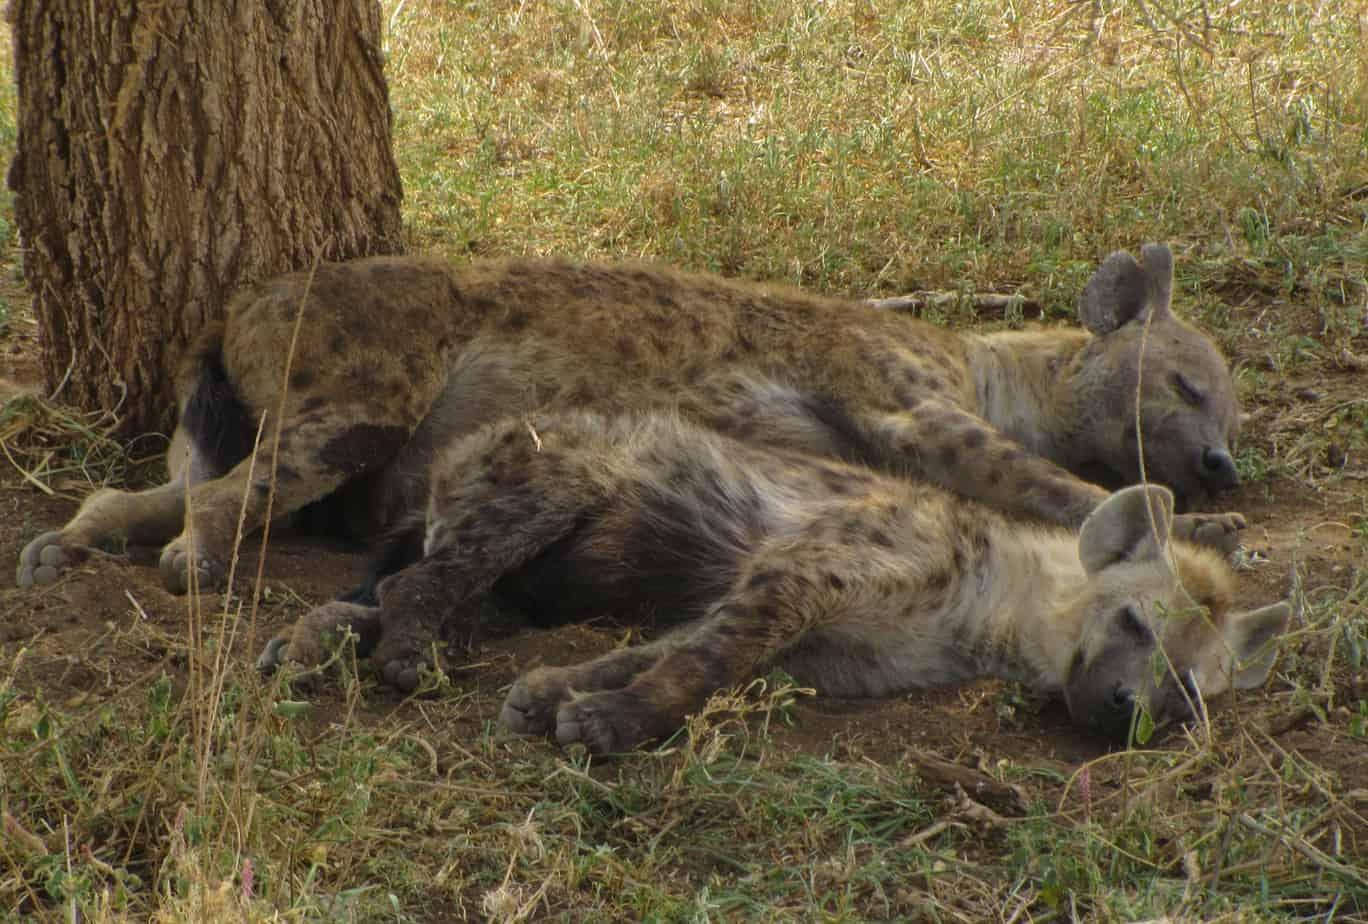 Hyena Sleeping